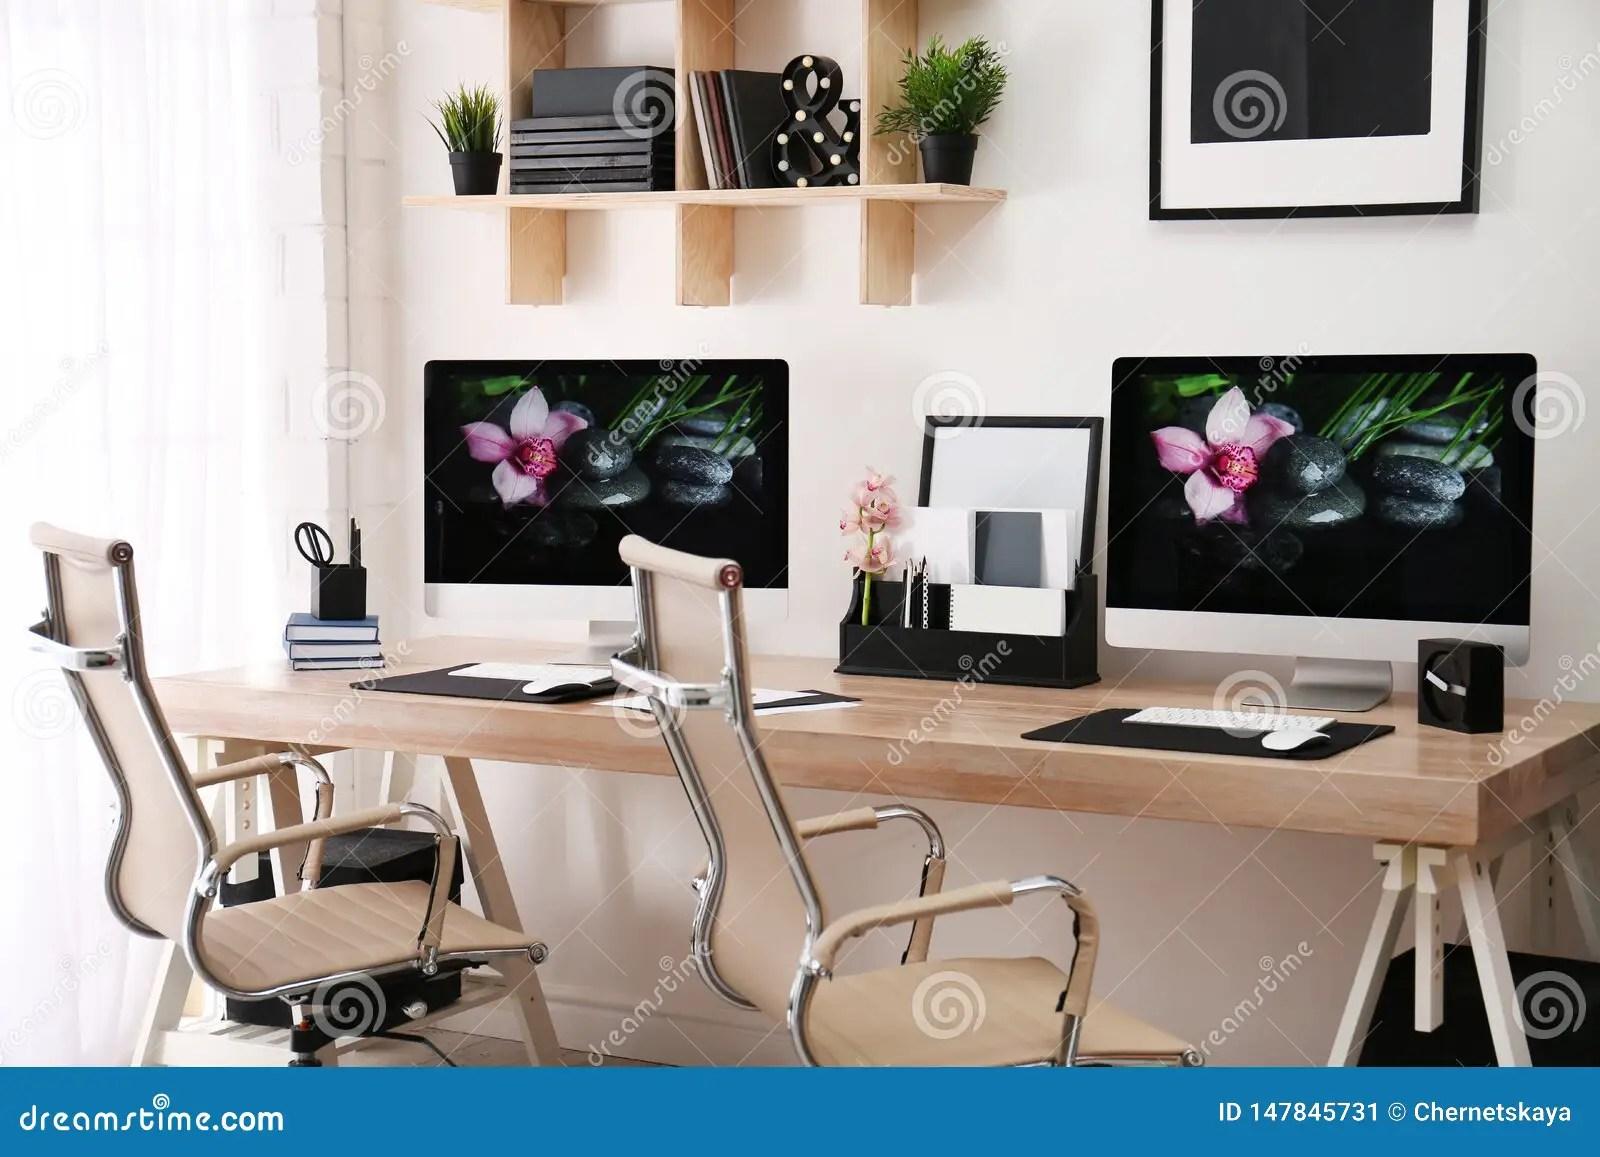 https fr dreamstime com lieu travail moderne grands bureau ordinateurs chambre int rieur l gant image147845731